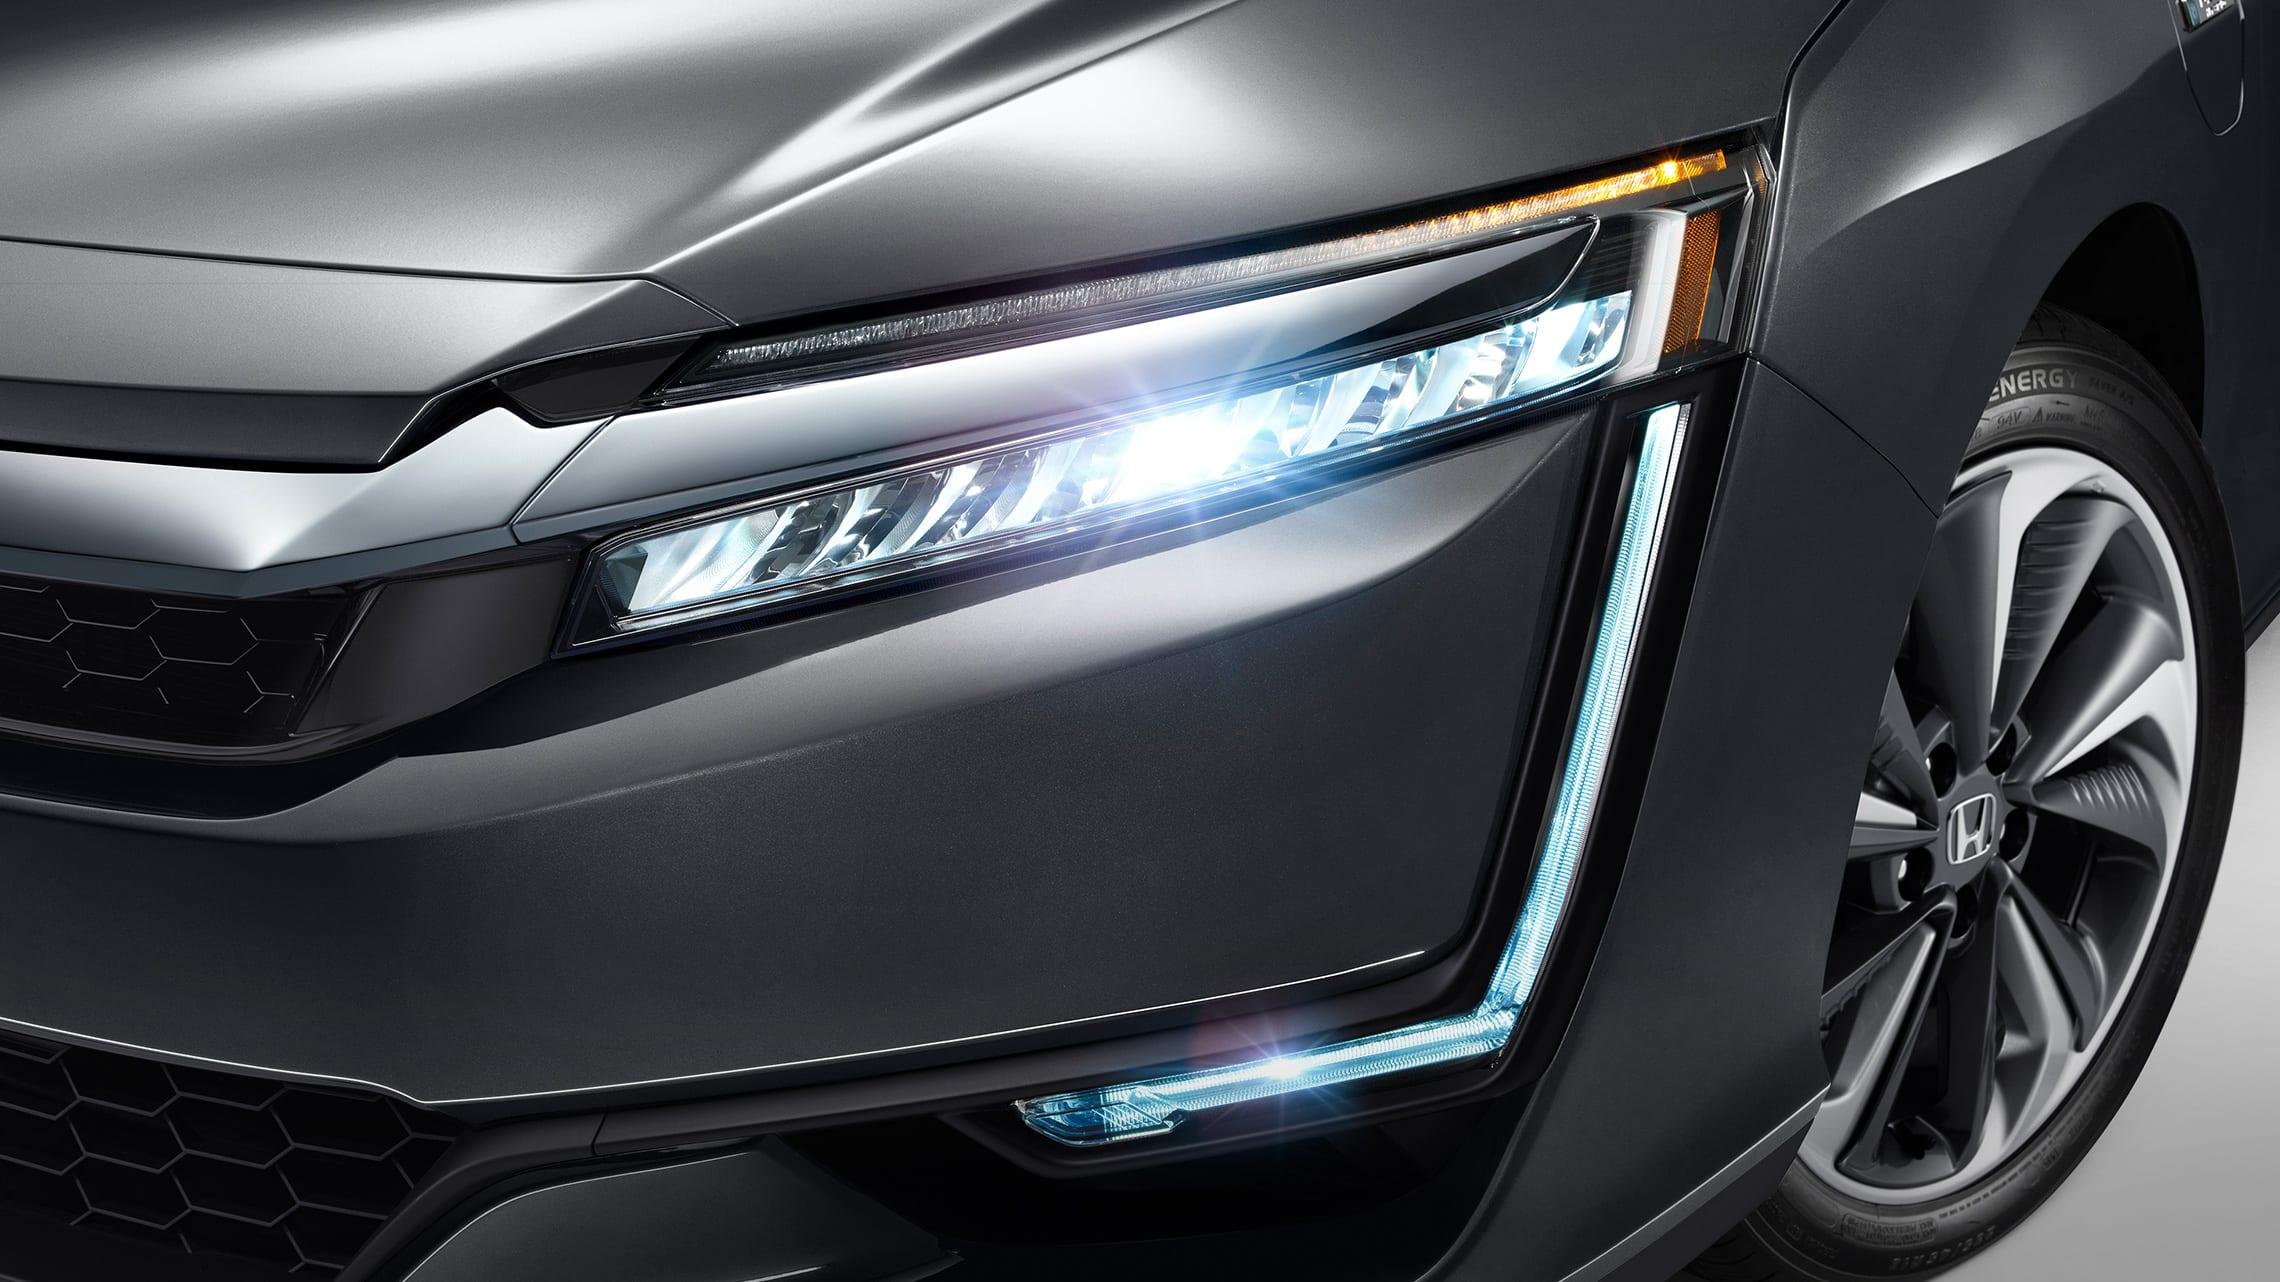 Detalle de las luces delanteras de LED y DRL del Clarity Plug-In Hybrid2021 en Modern Steel Metallic.